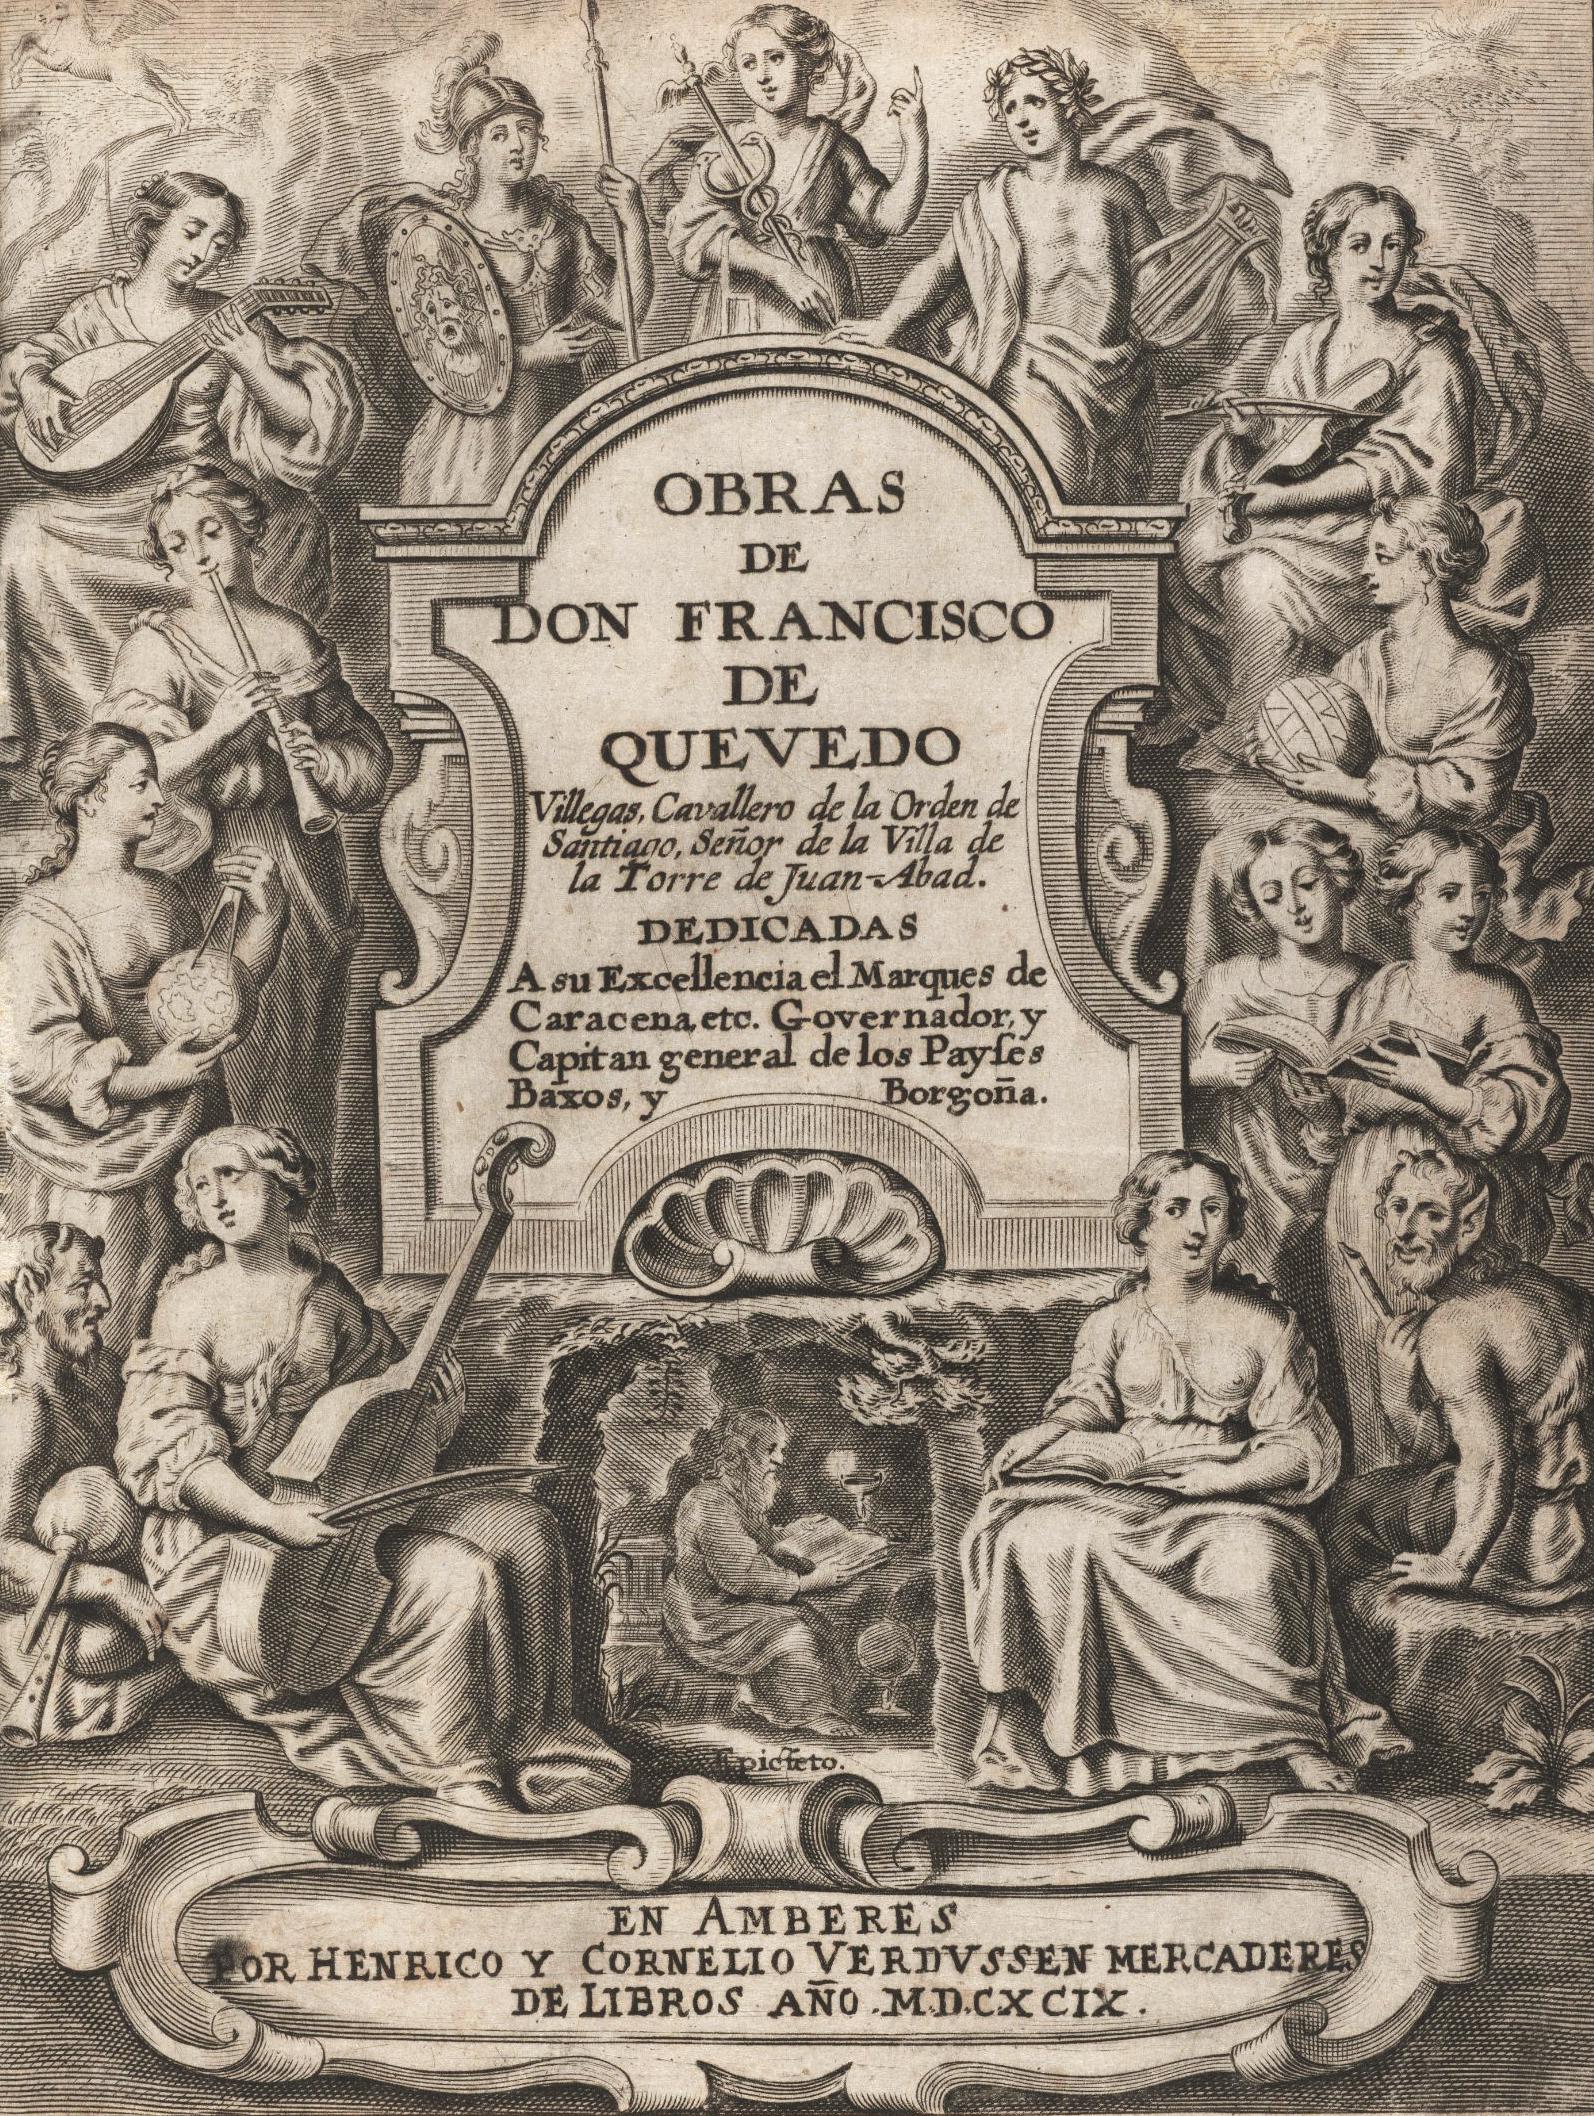 Obras de don Francisco de Quevedo Villegas, 1699